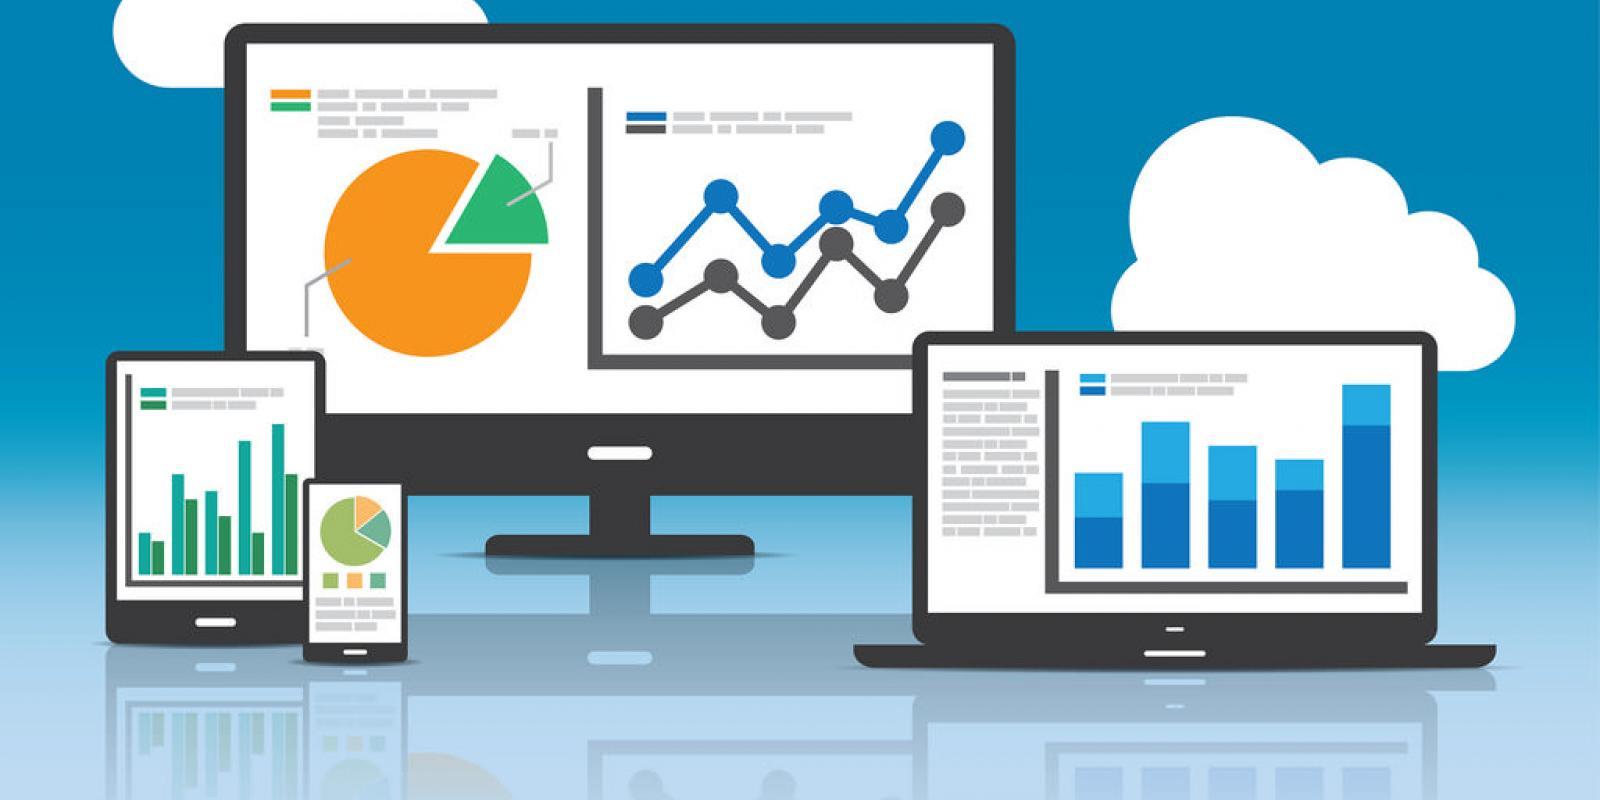 Analyze ad data